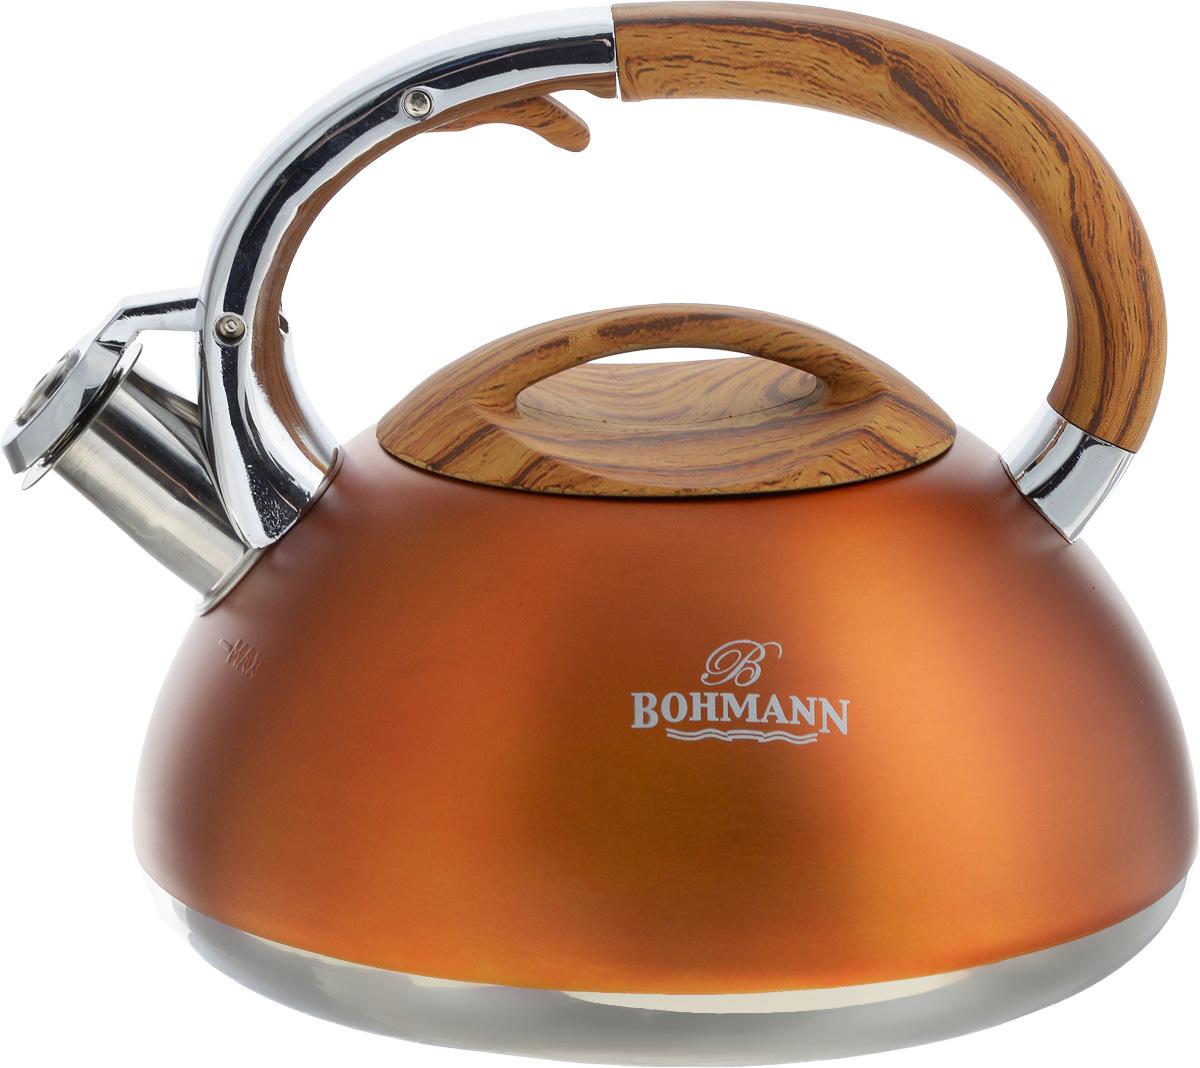 Чайник Bohmann, со свистком, 3 л. BH-995968/5/3Чайник Bohmann выполнен из высококачественной нержавеющей стали, что делает его весьма гигиеничным и устойчивым к износу при длительном использовании. Носик чайника оснащен насадкой-свистком, что позволит вам контролировать процесс подогрева или кипячения воды. Чайник снабжен стальной крышкой и эргономичной ручкой с бакелитовой вставкой.Эстетичный и функциональный чайник будет оригинально смотреться в любом интерьере.Подходит для всех типов плит, кроме индукционных. Можно мыть в посудомоечной машине. Высота чайника (с учетом ручки и крышки): 20 см.Диаметр чайника (по верхнему краю): 11 см.Диаметр дна: 16 см.